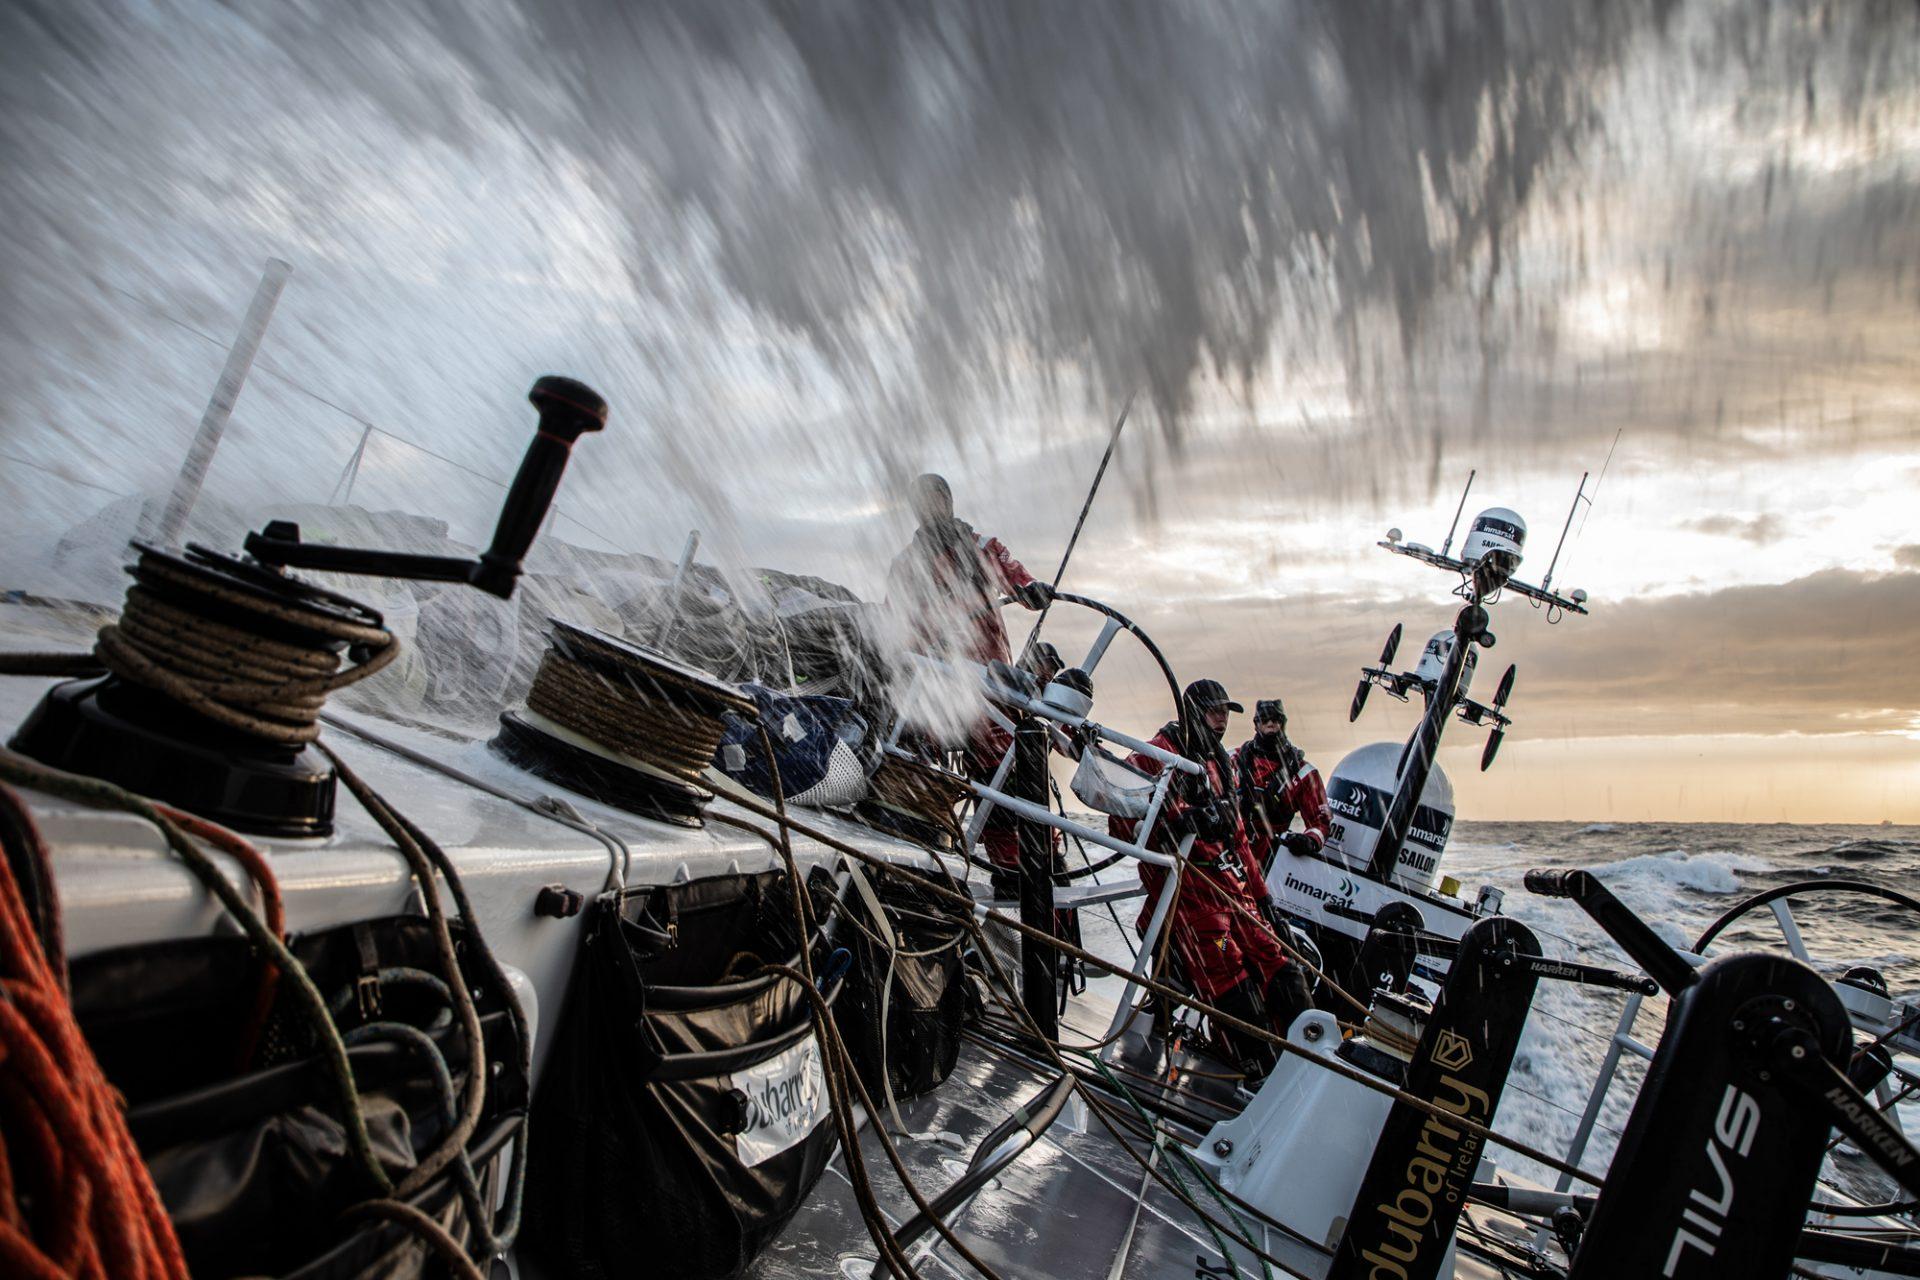 Das Dongfeng Race Team gewinnt das VOLVO OCEAN RACE! 3